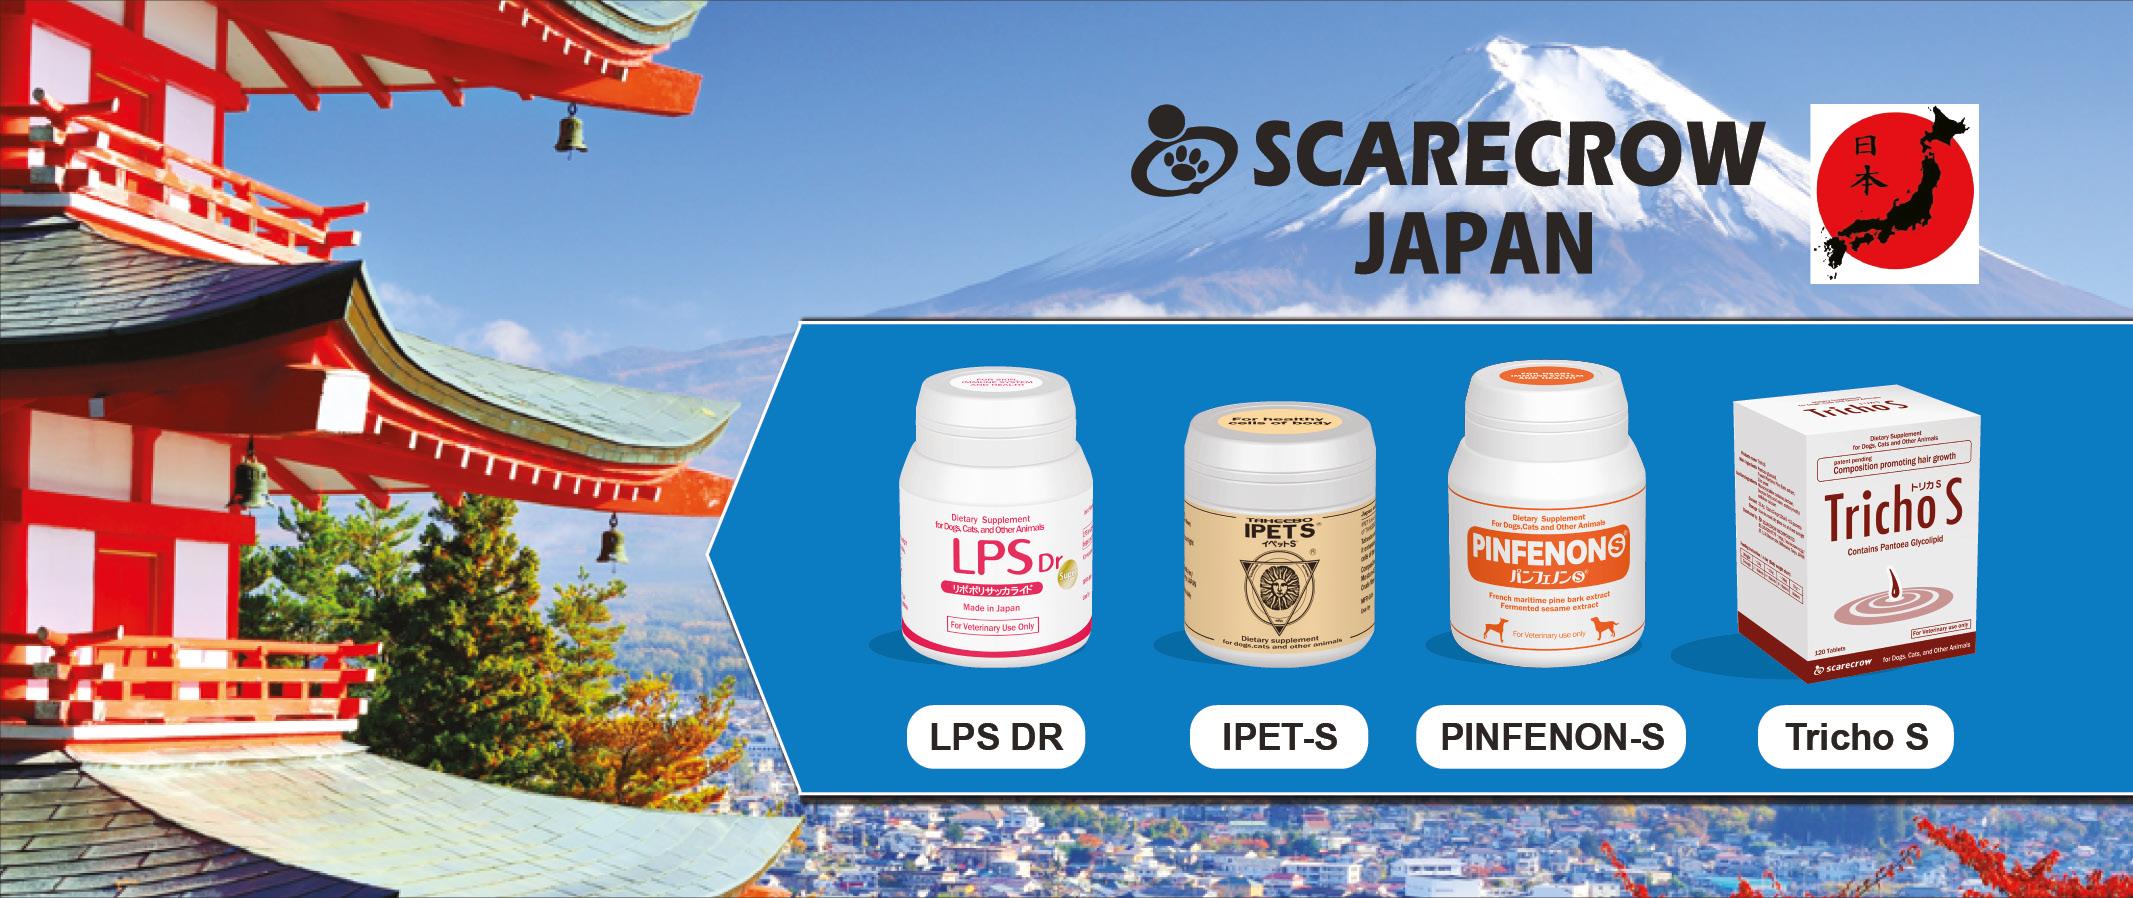 scarecrow_japan